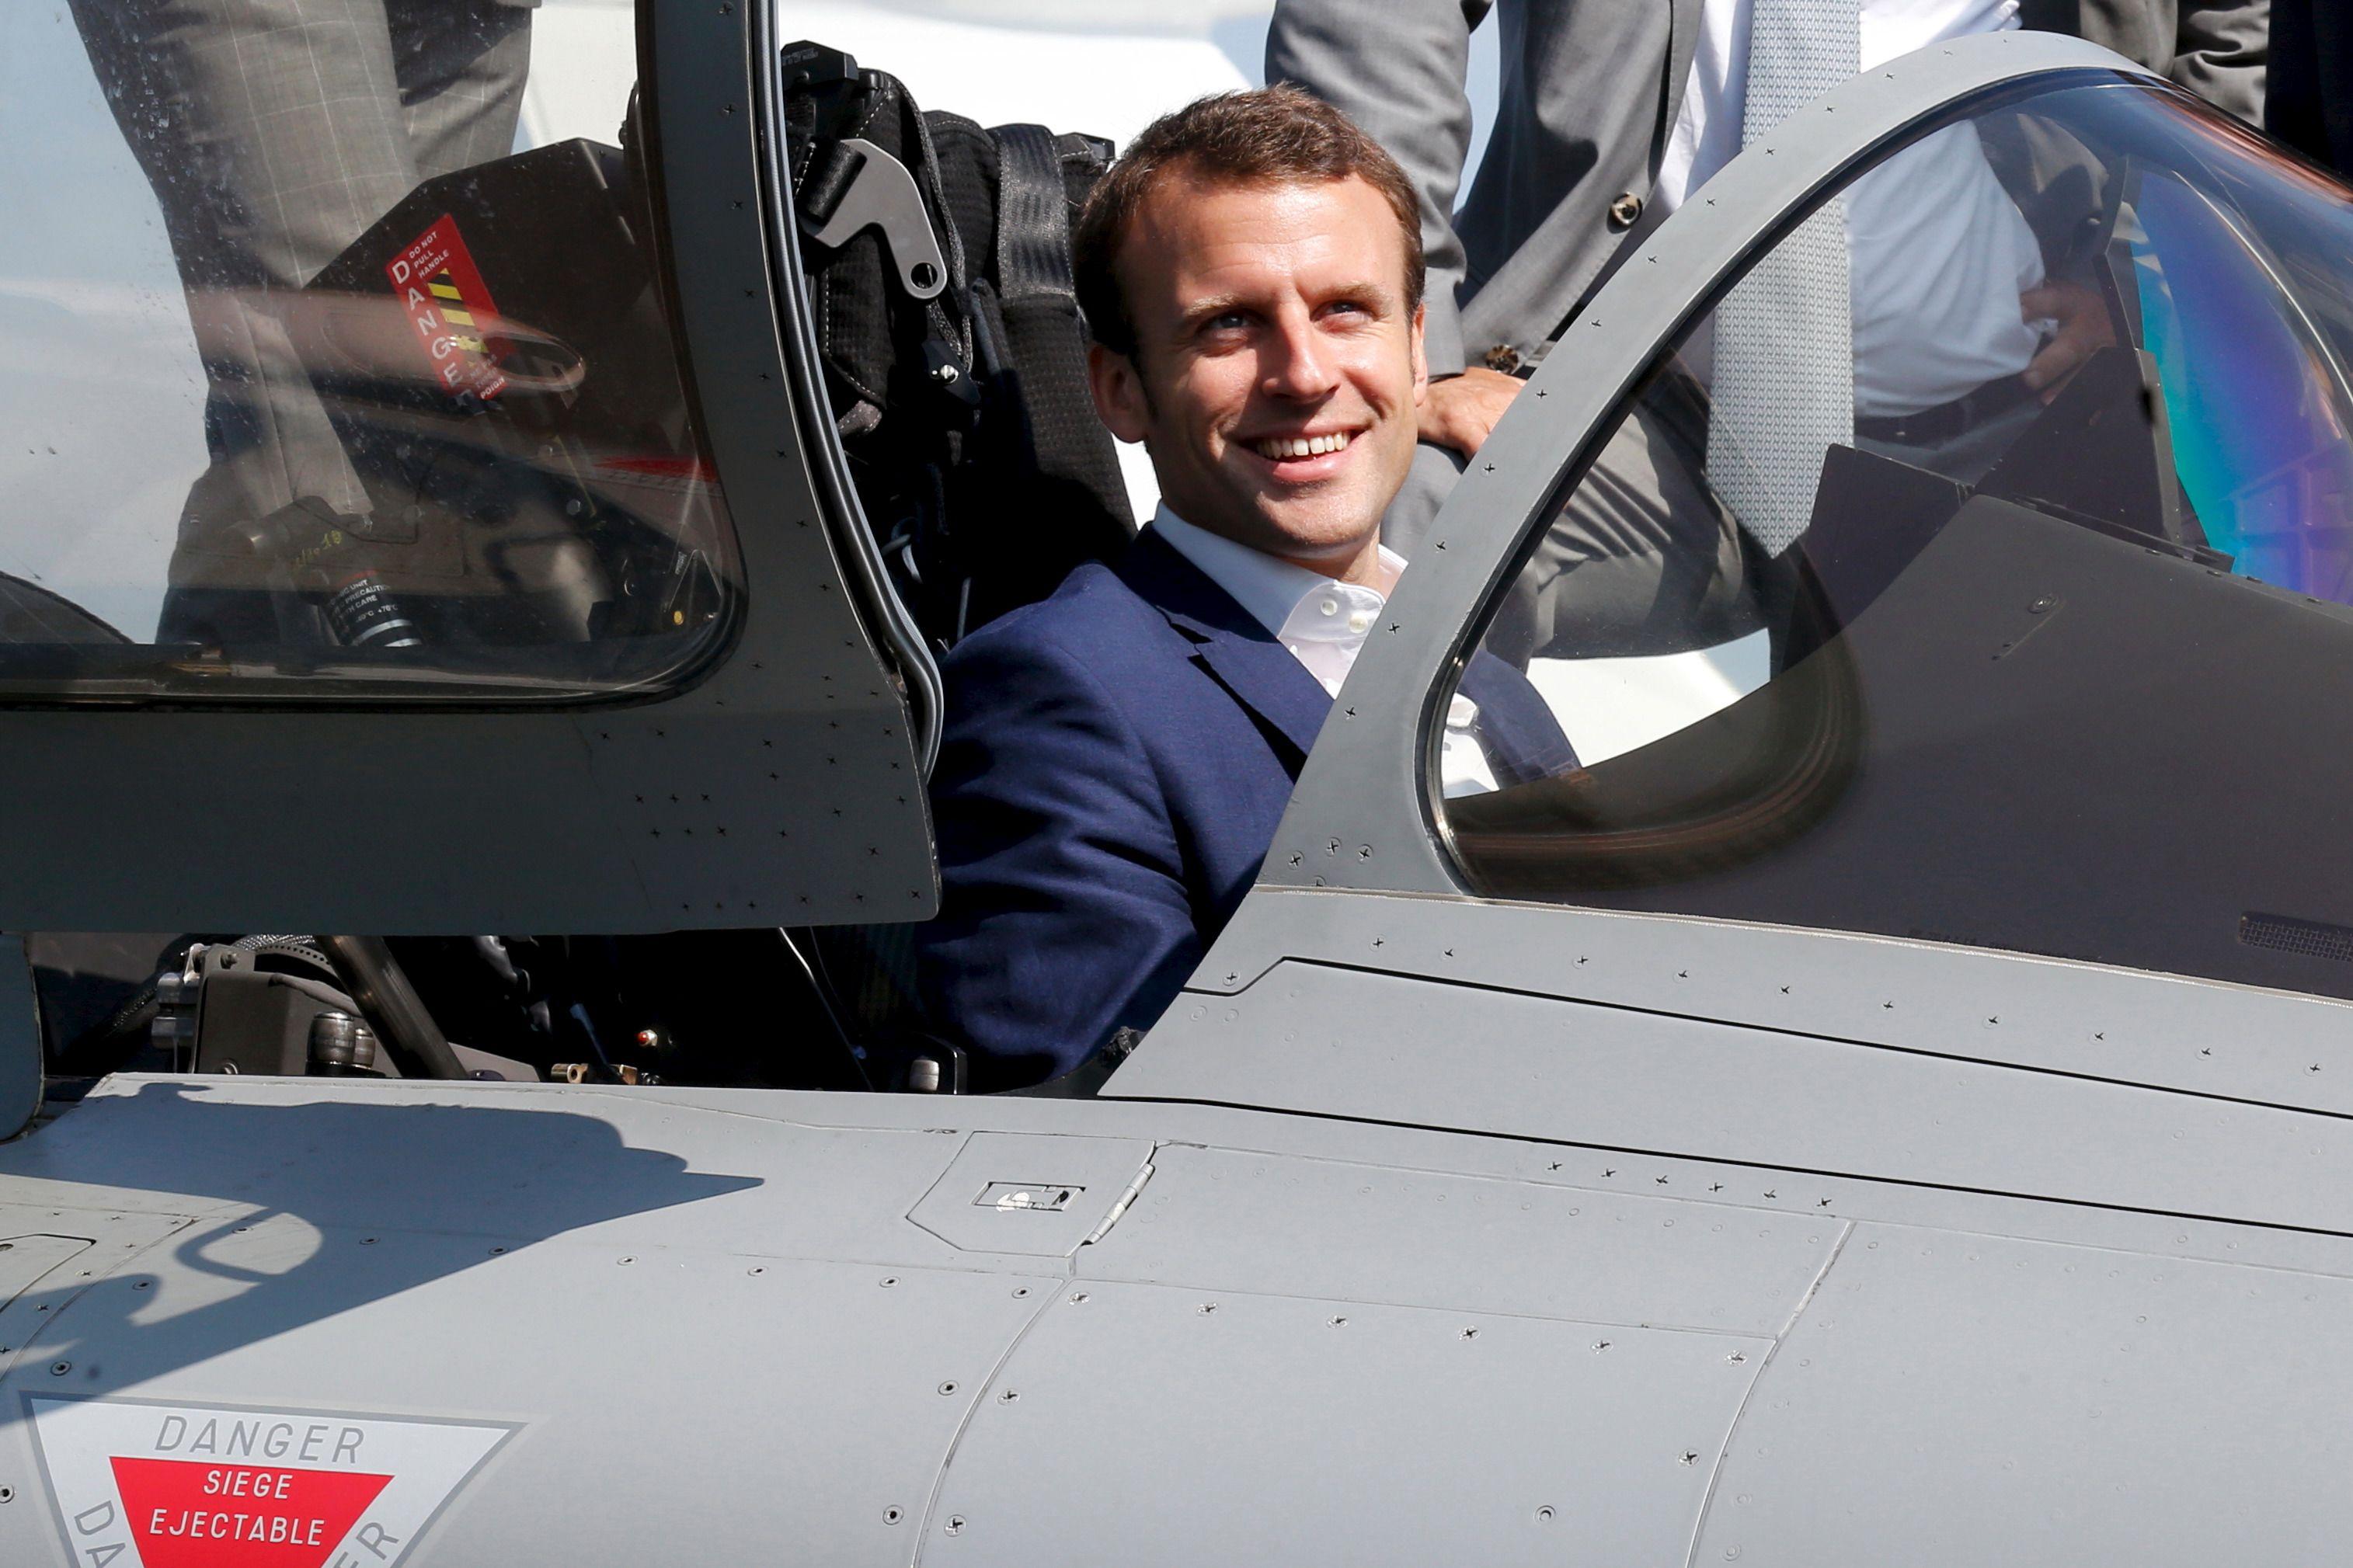 Le succès populaire d'Emmanuel Macron énerve les cadres du PS.